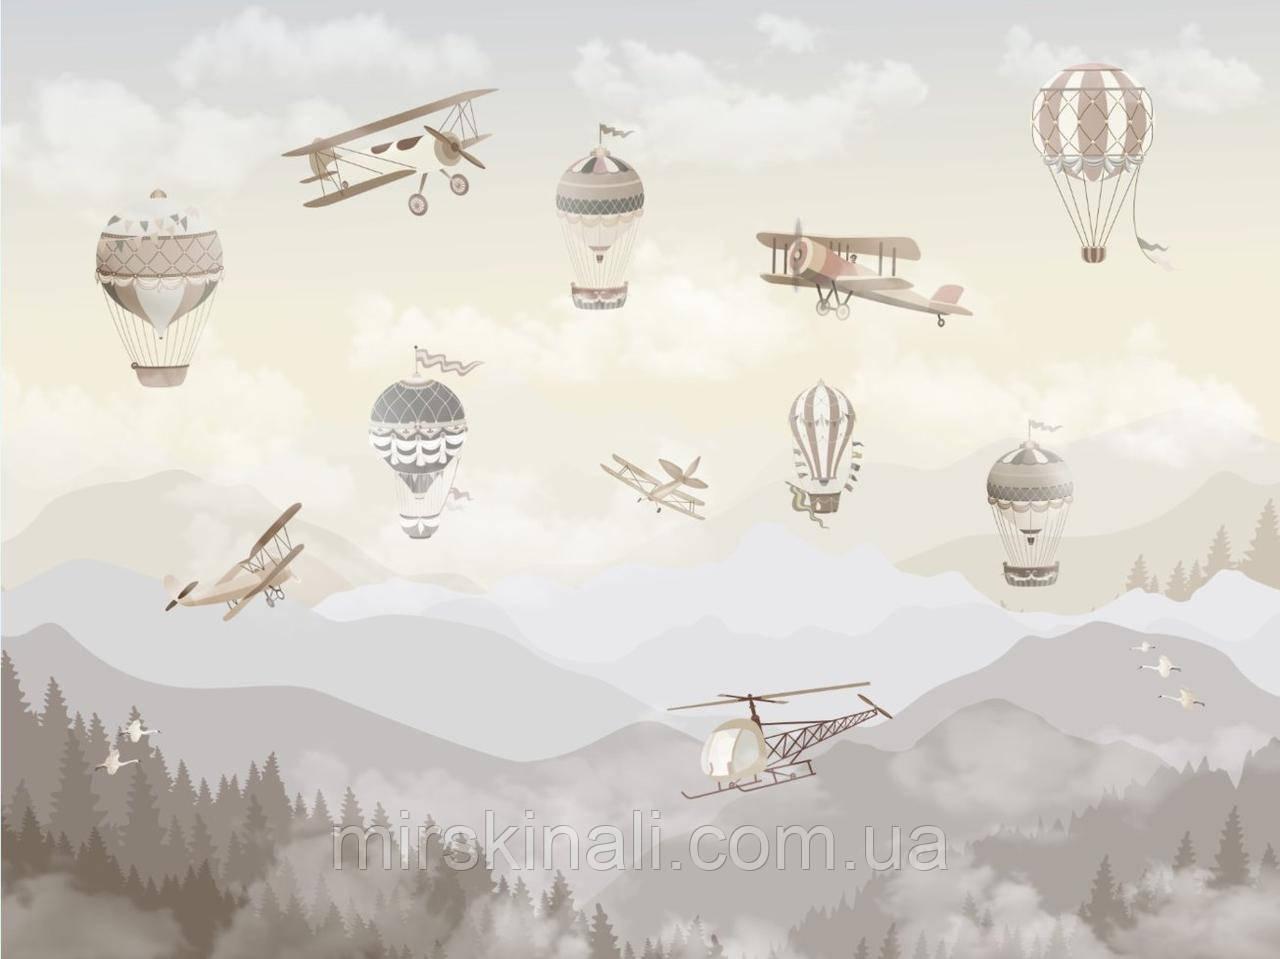 Гори літаки і повітряні кулі 1